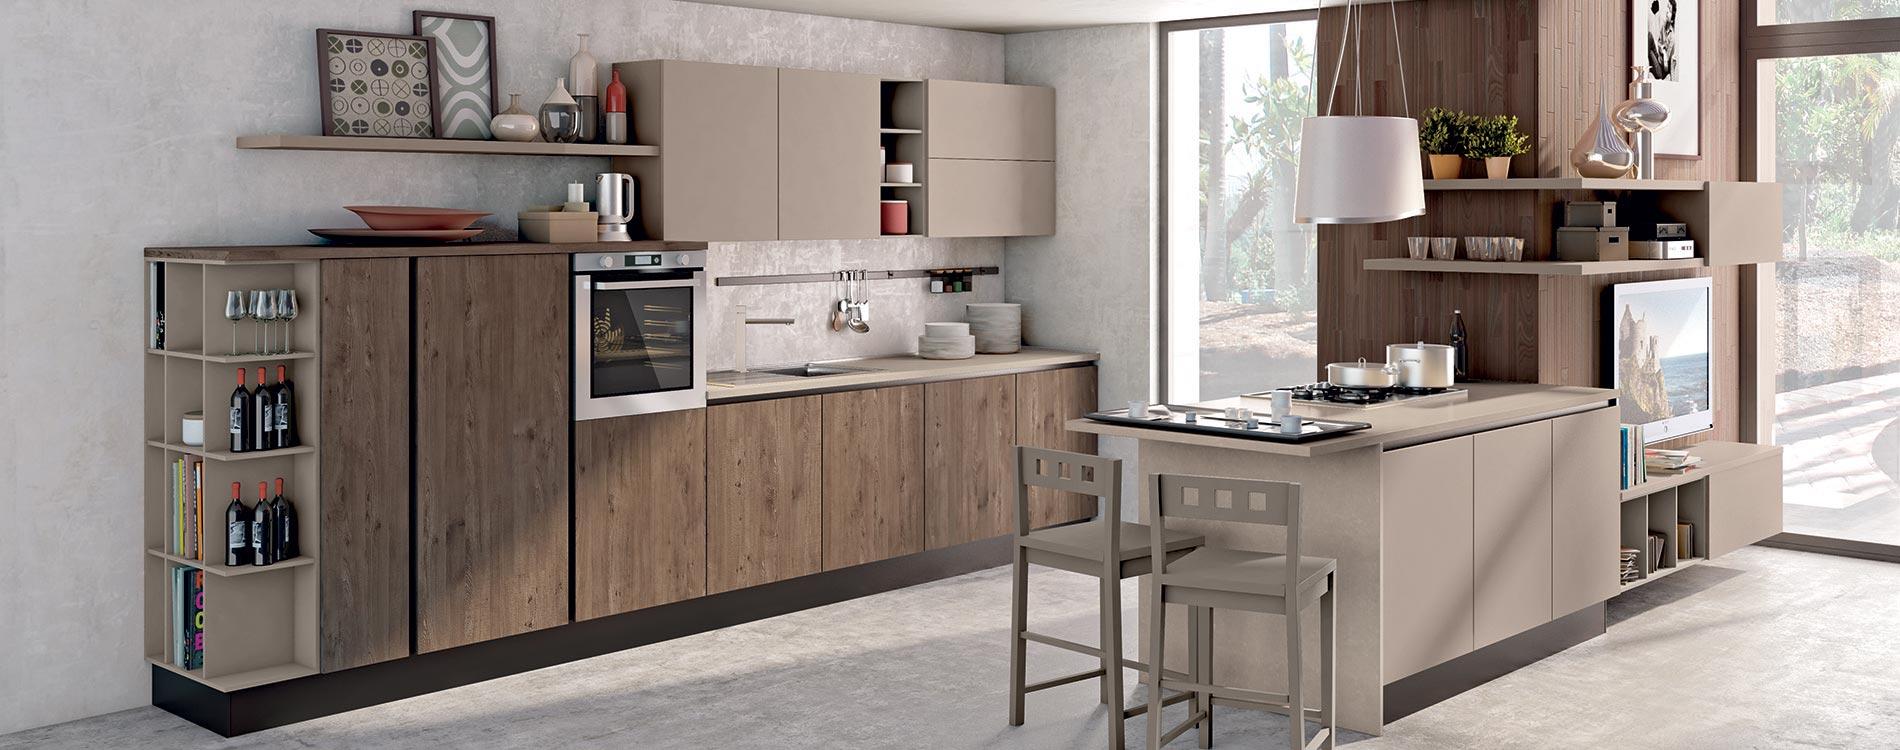 Cucine Stosa Prezzi 2018 mobilificio europa cucine lube stosa